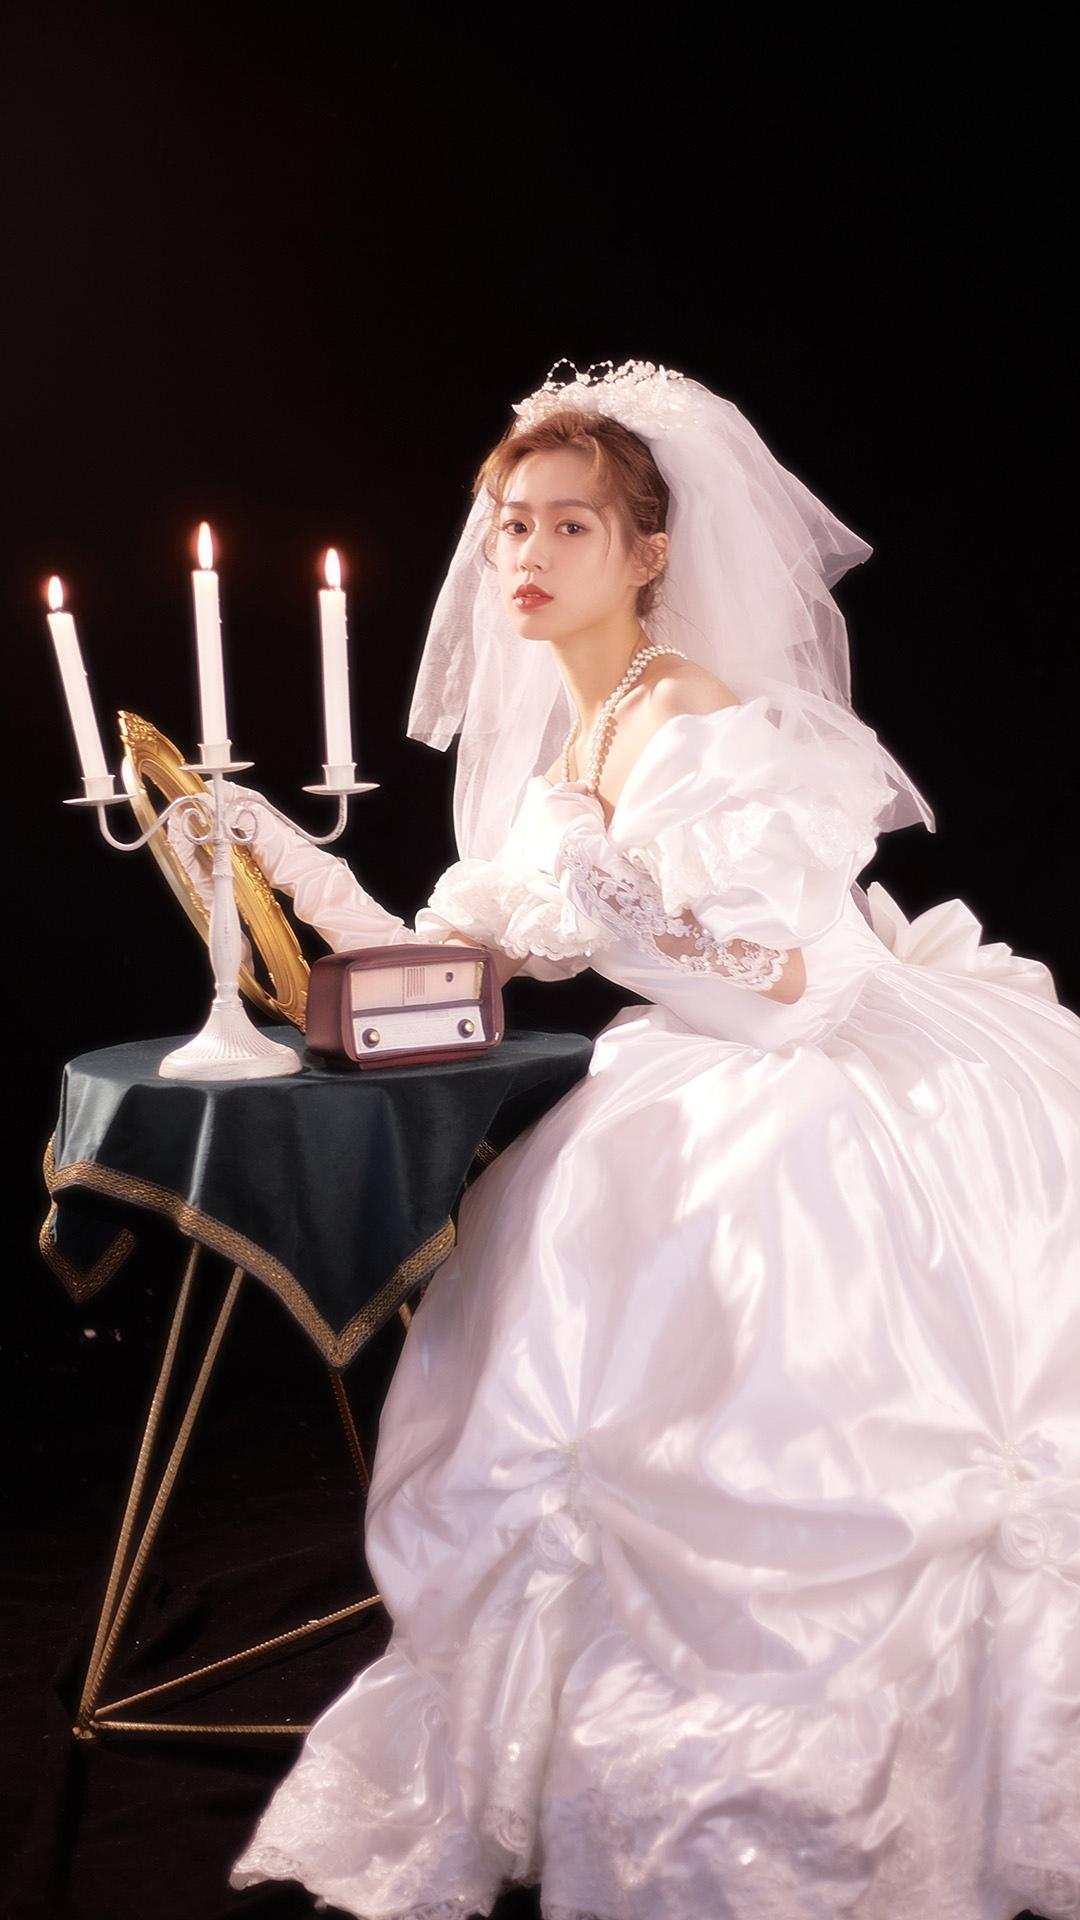 婚纱美女暗黑私房高清图片